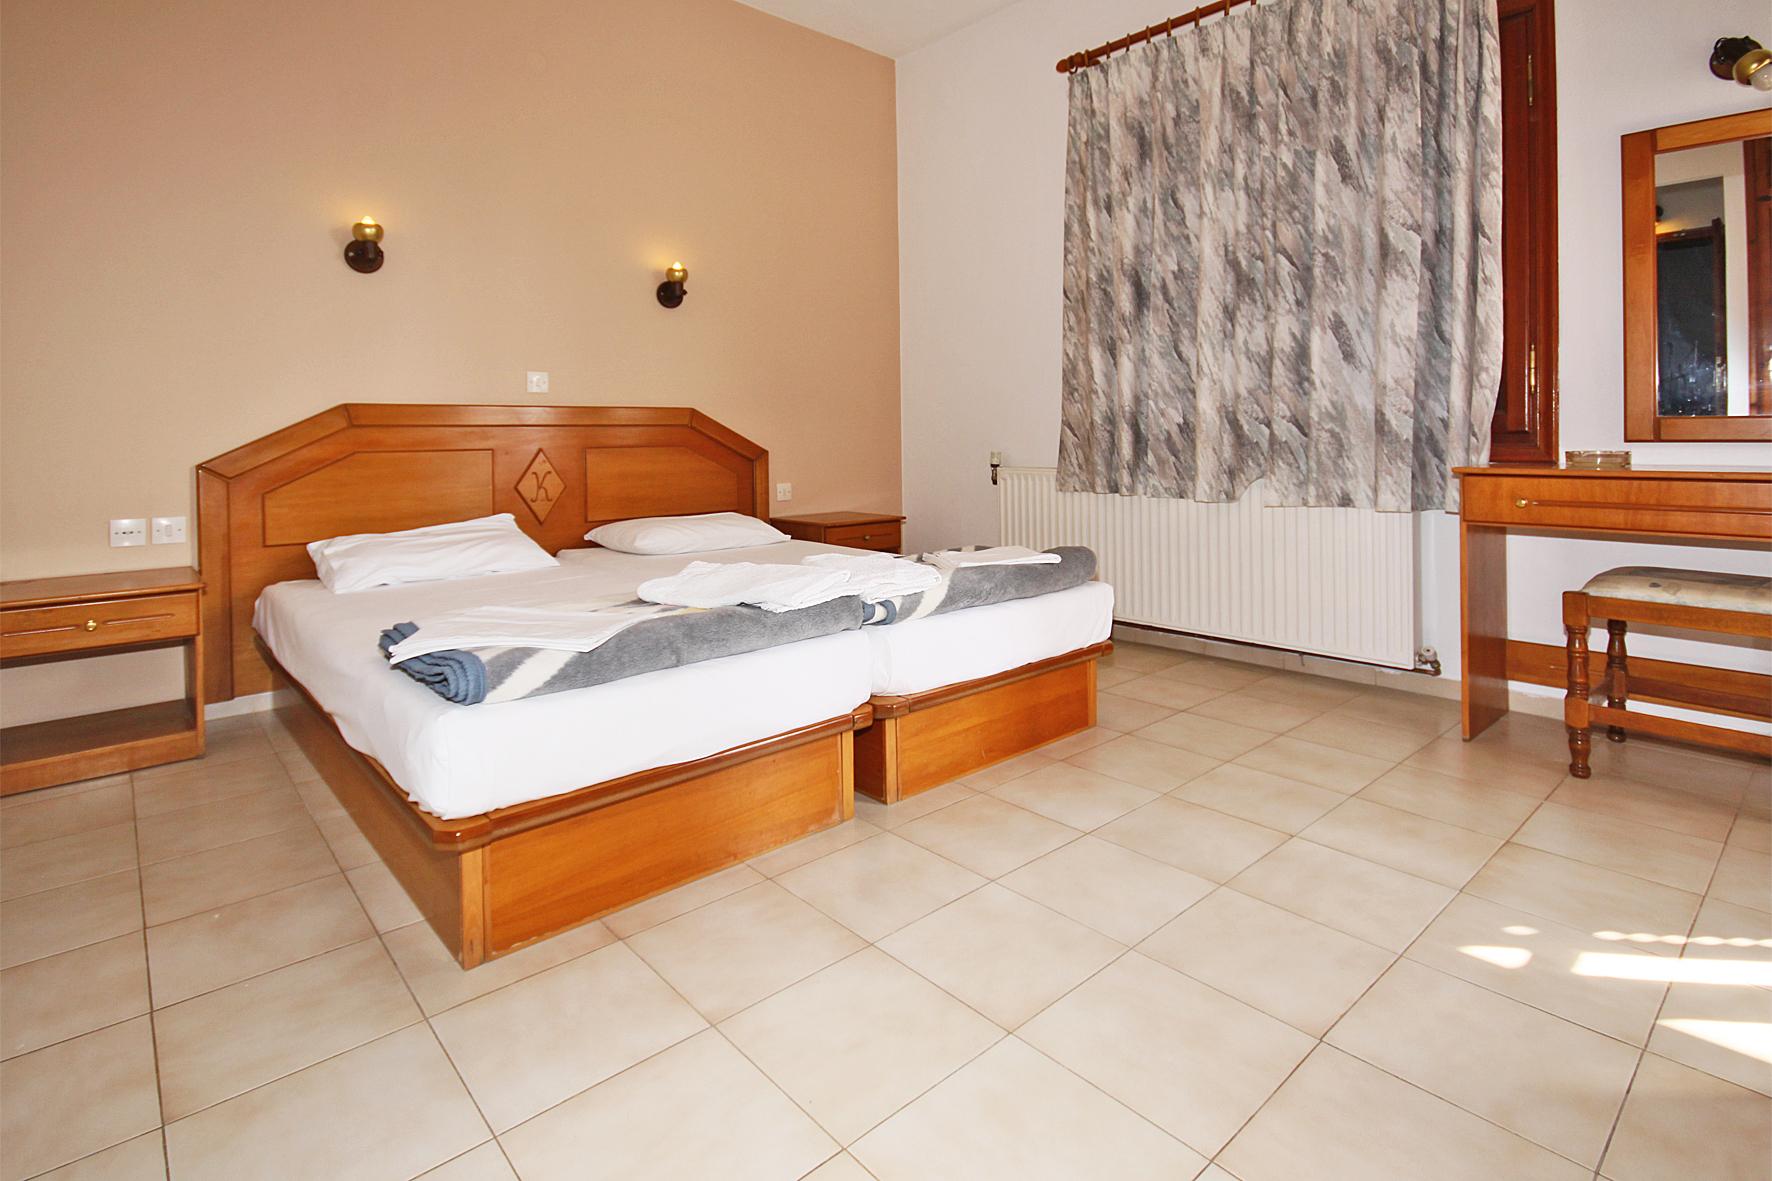 2beds-room2